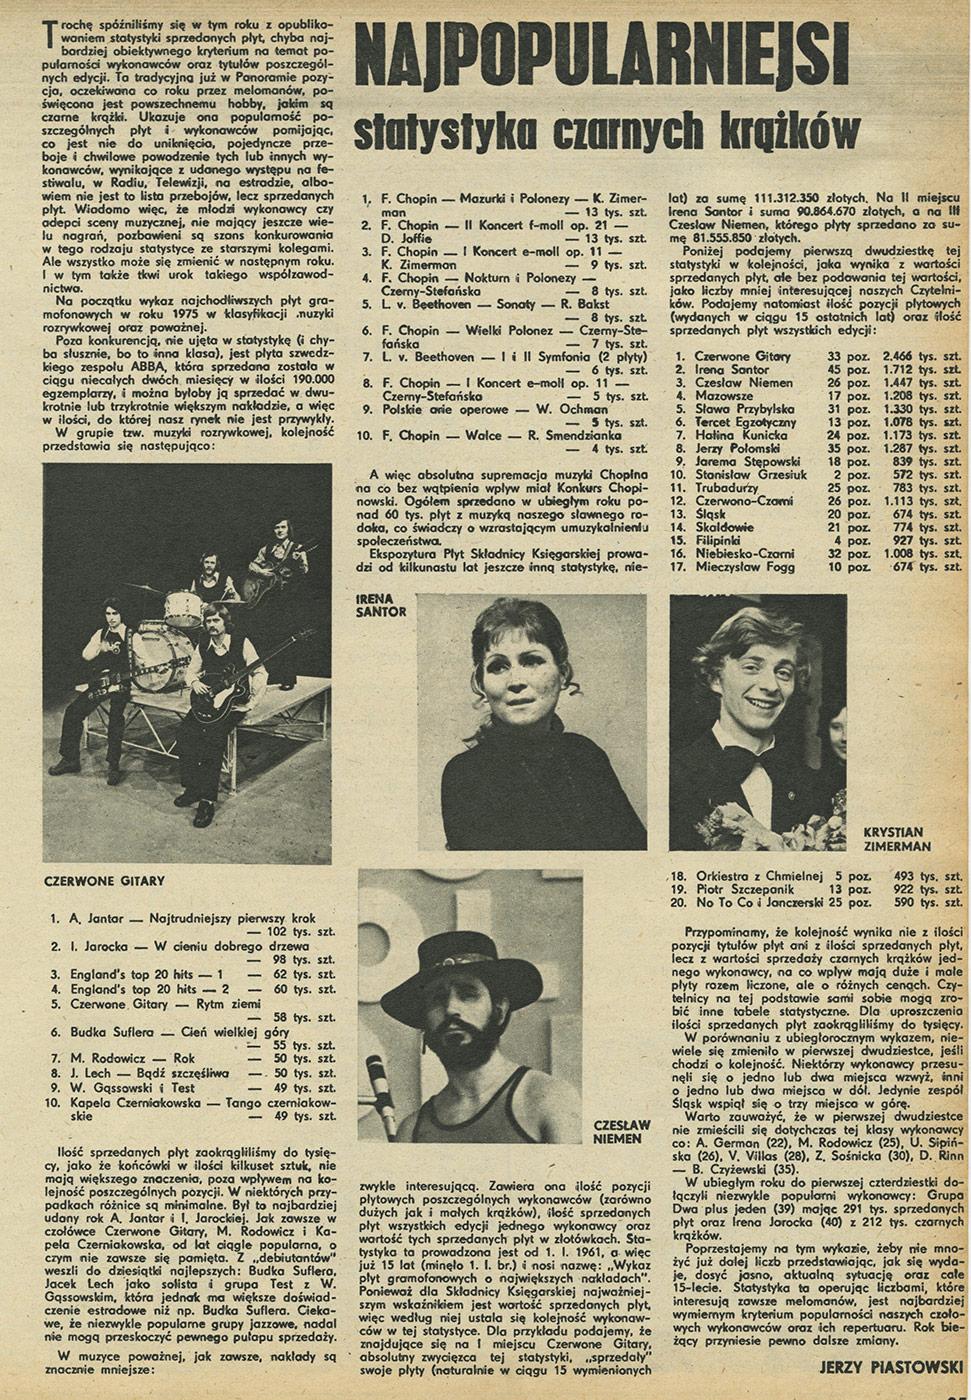 1969-1978_Panorama_1976_Najpopularniejsci_statystyka_czarnych_krazkow